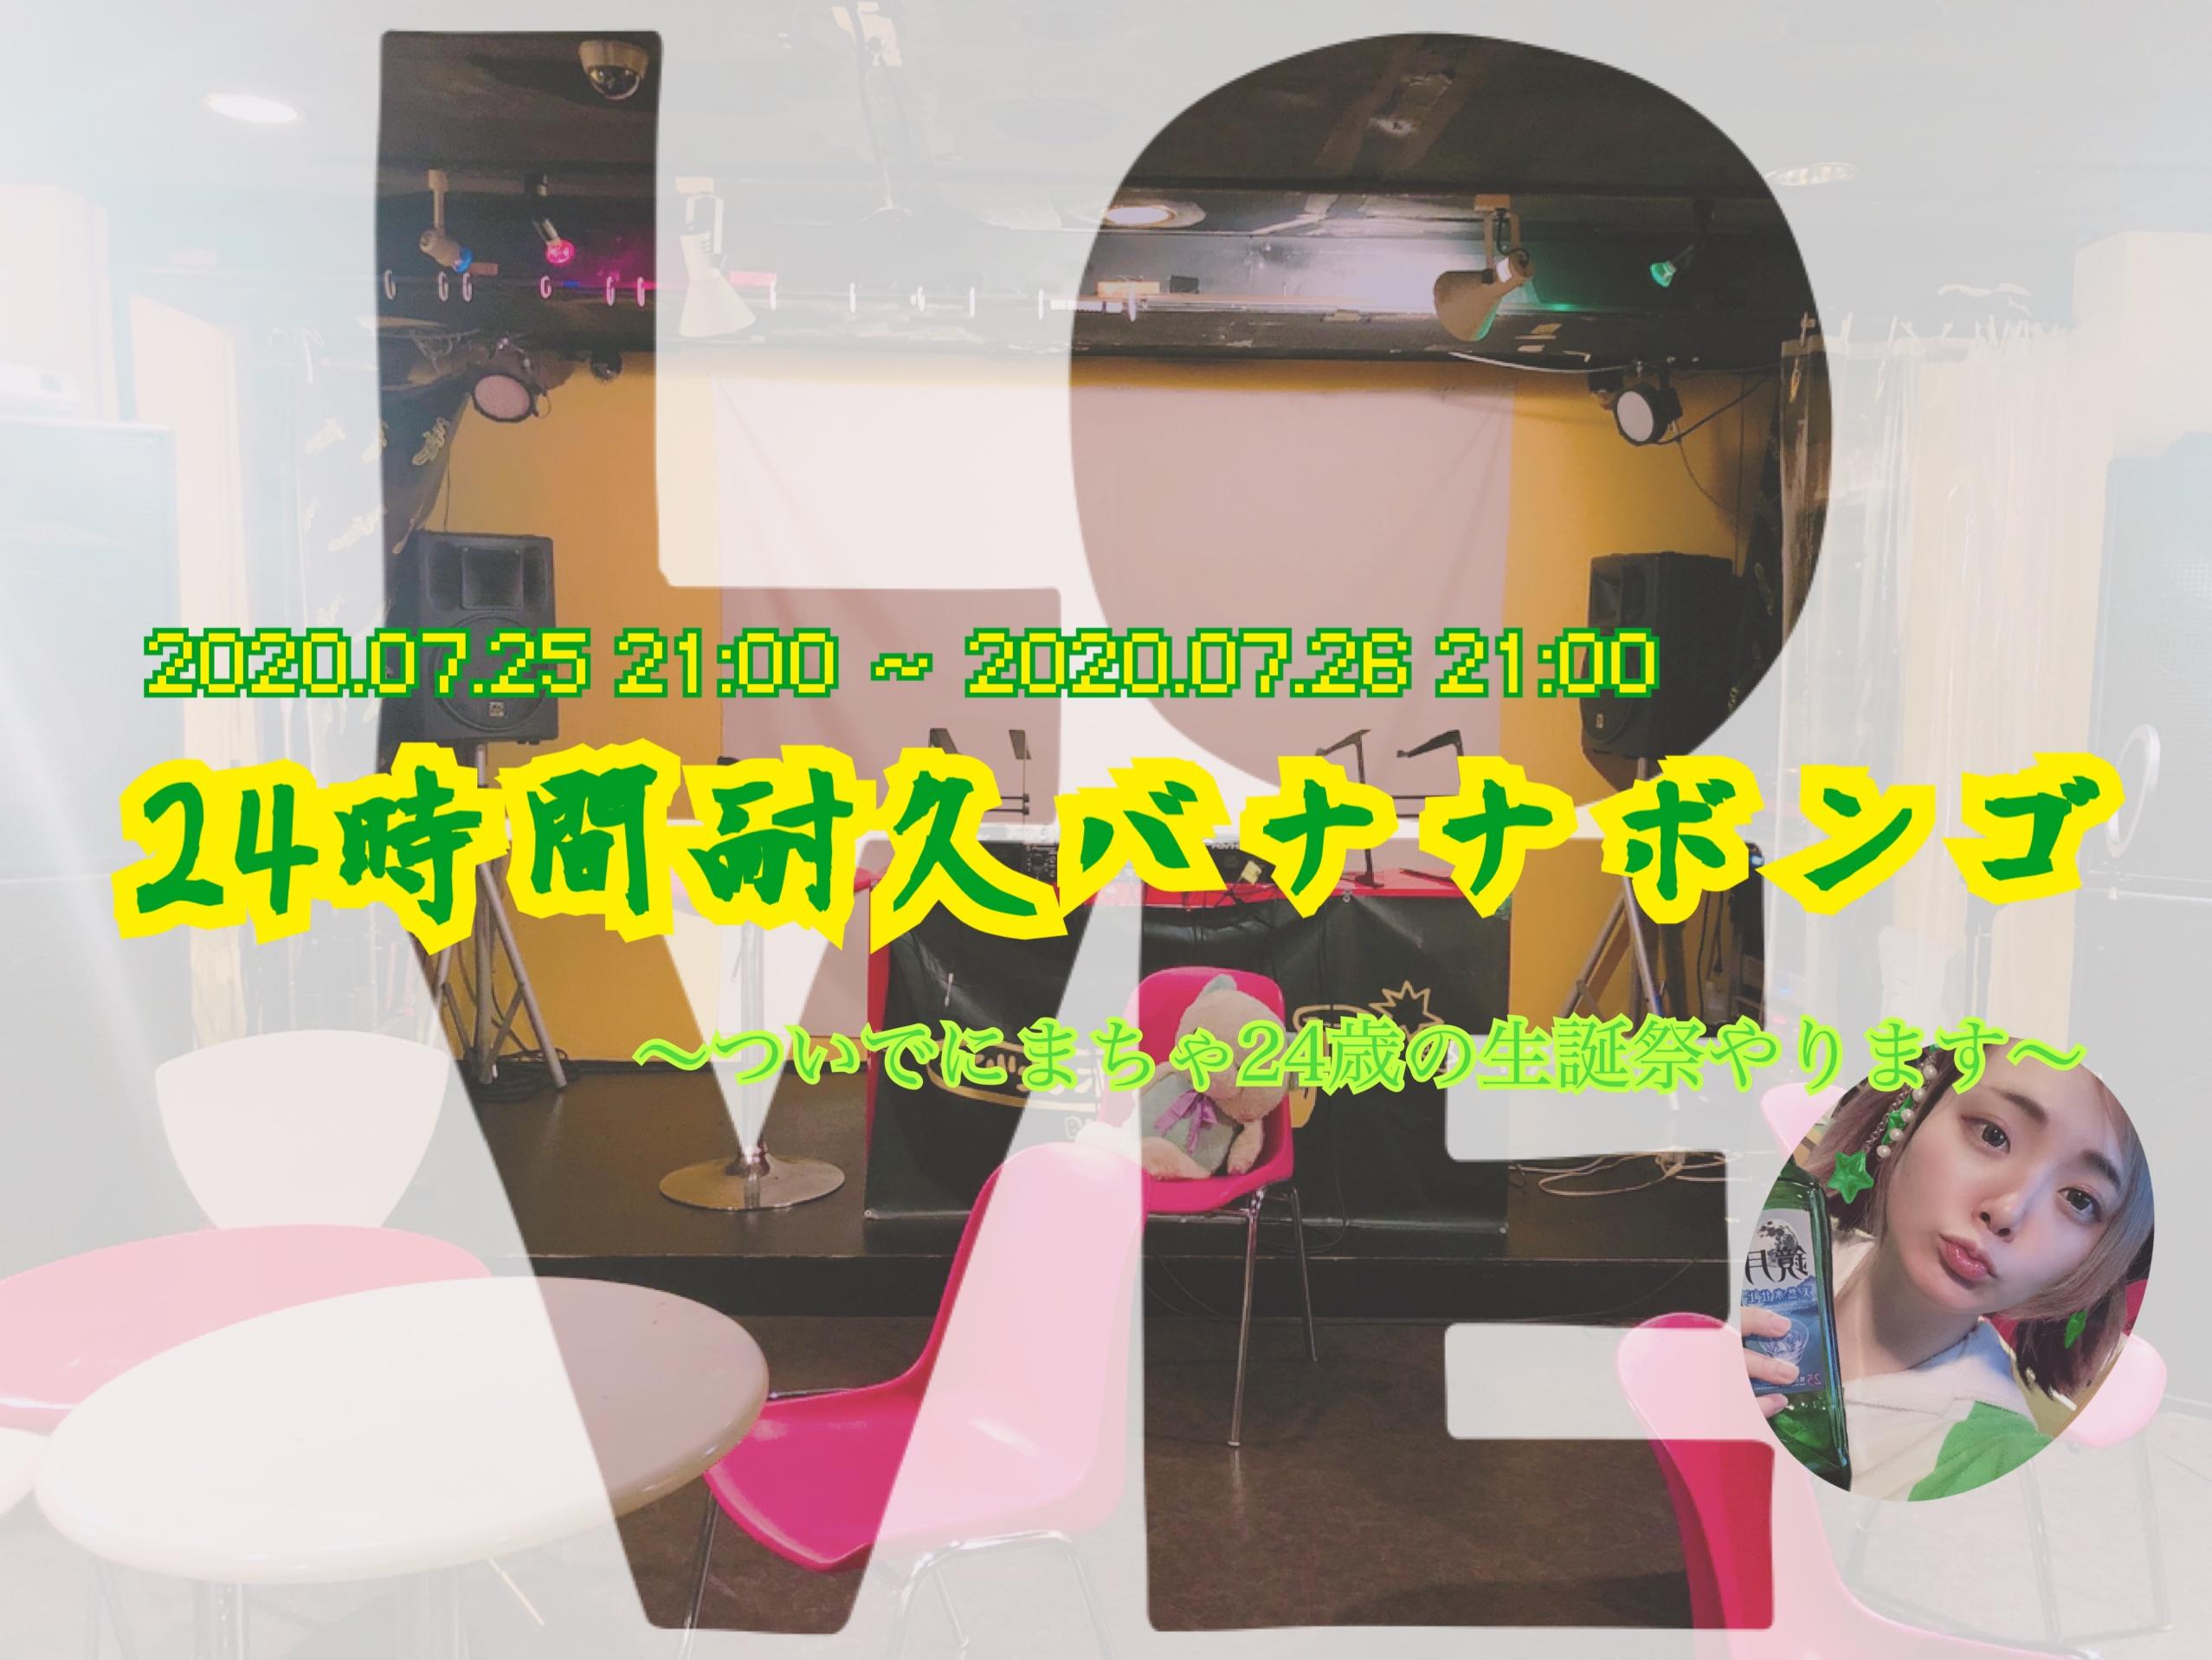 【DJイベント情報】24時間耐久バナナボンゴ~ついでにまちゃ24歳の生誕祭やります~ 【7月25日(土)21:00~】フライヤー